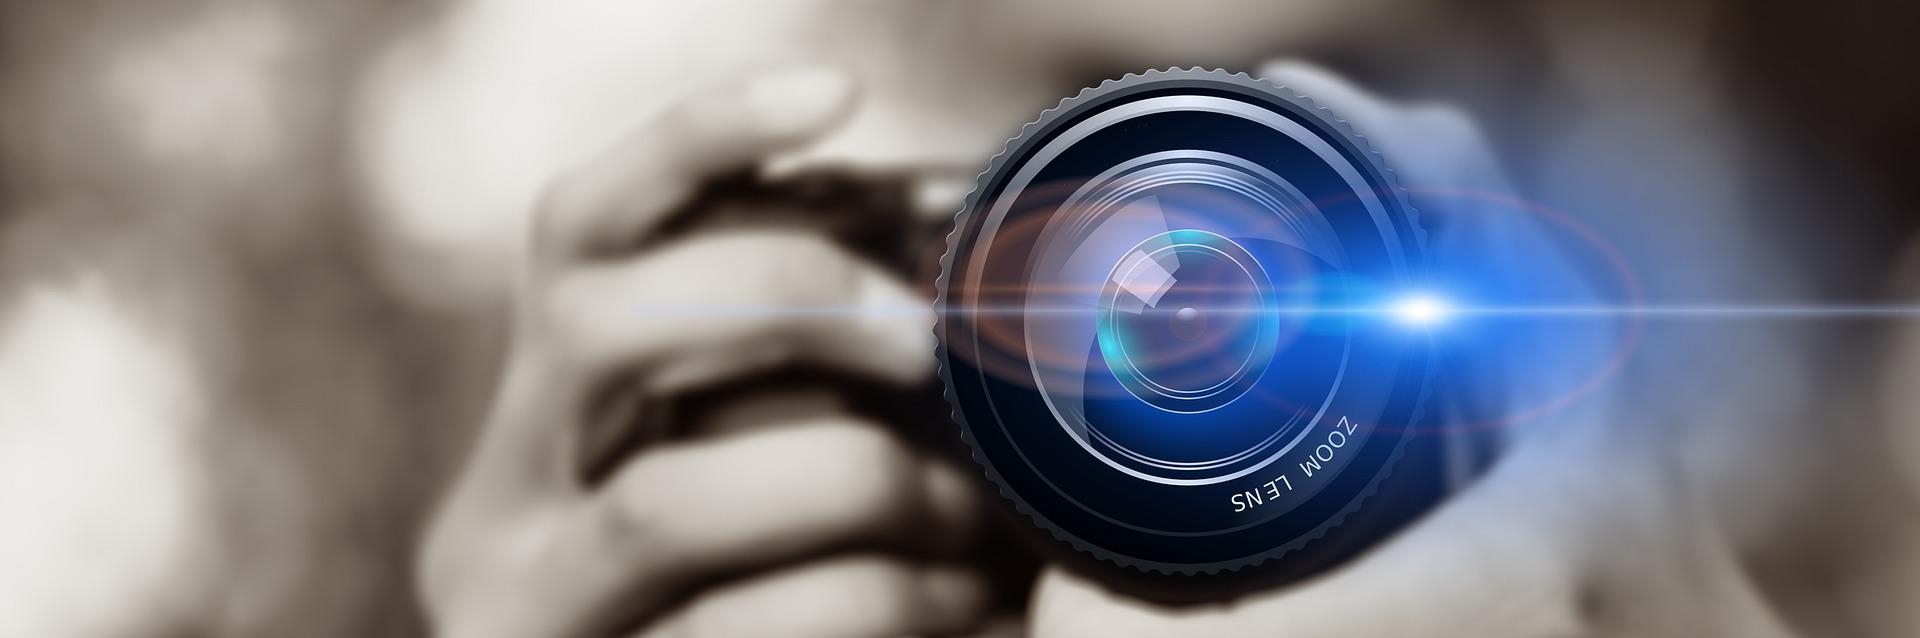 Фото Допоможу у виборі фото відео техніки. 1